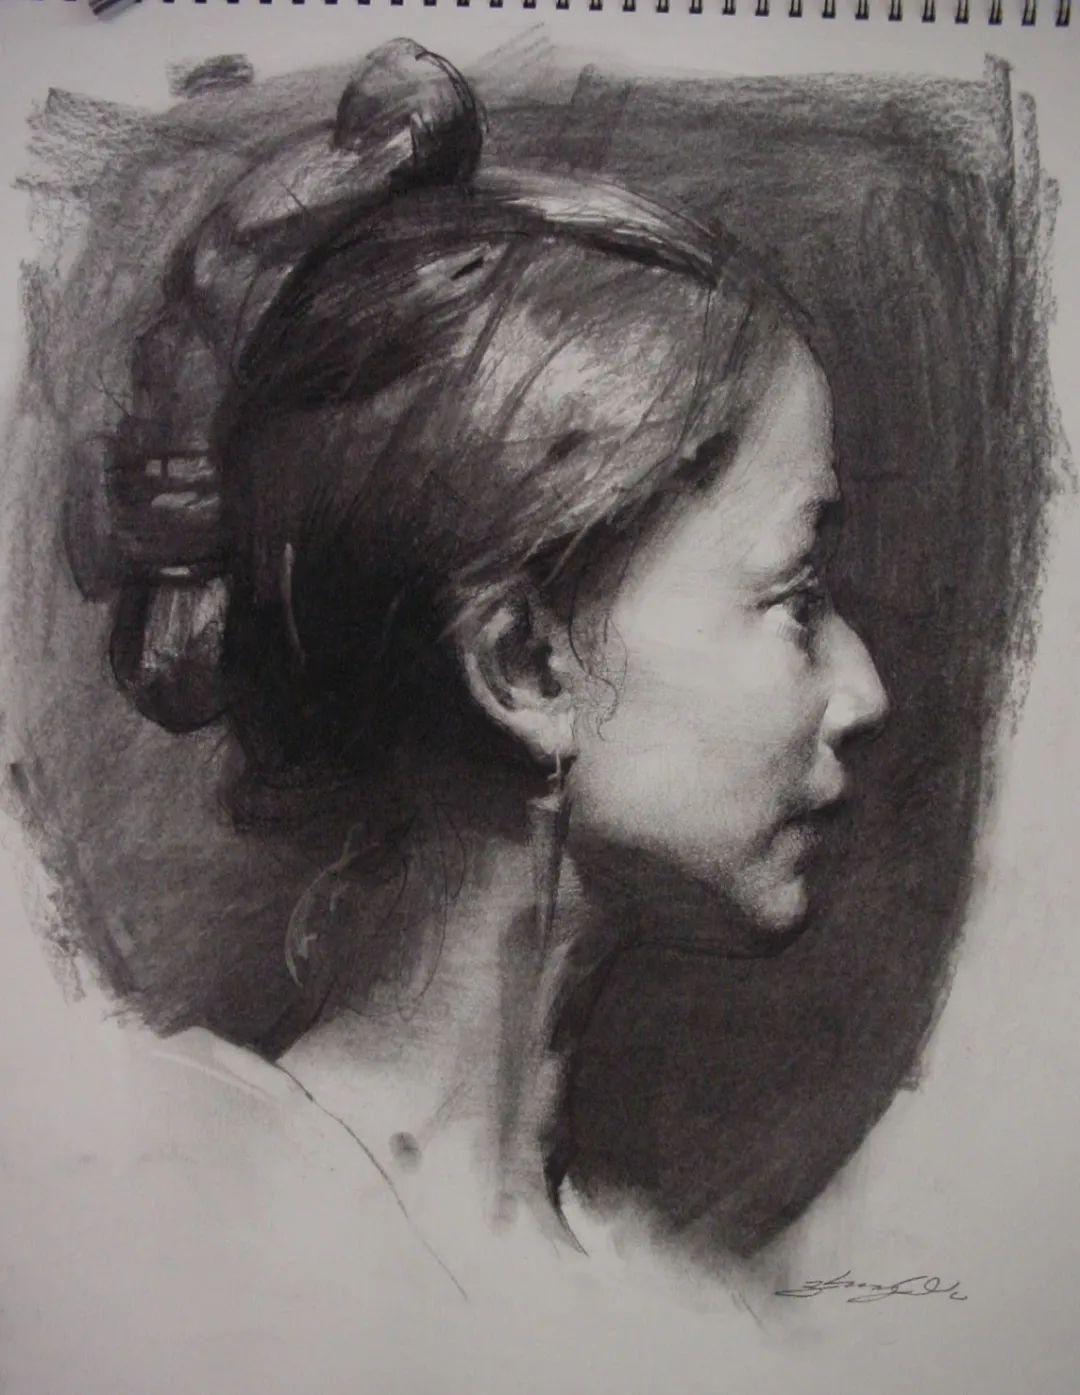 吴兆铭的素描人物,富有独特生命及魅力!插图33